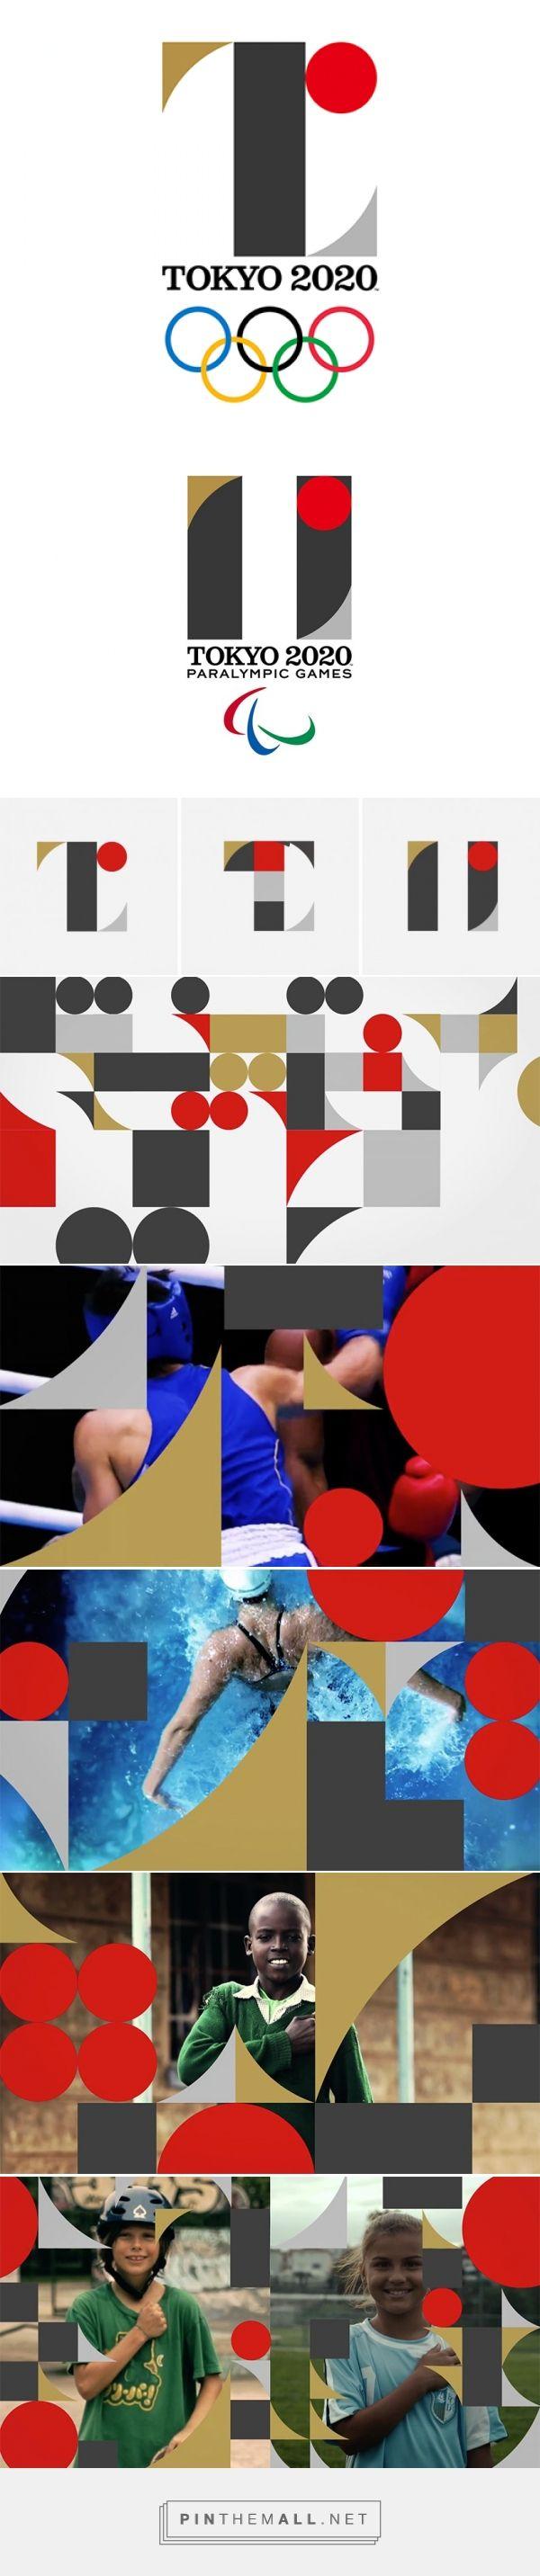 the official tokyo 2020 olympics logo by kenjiro sano - created via http://pinthemall.net